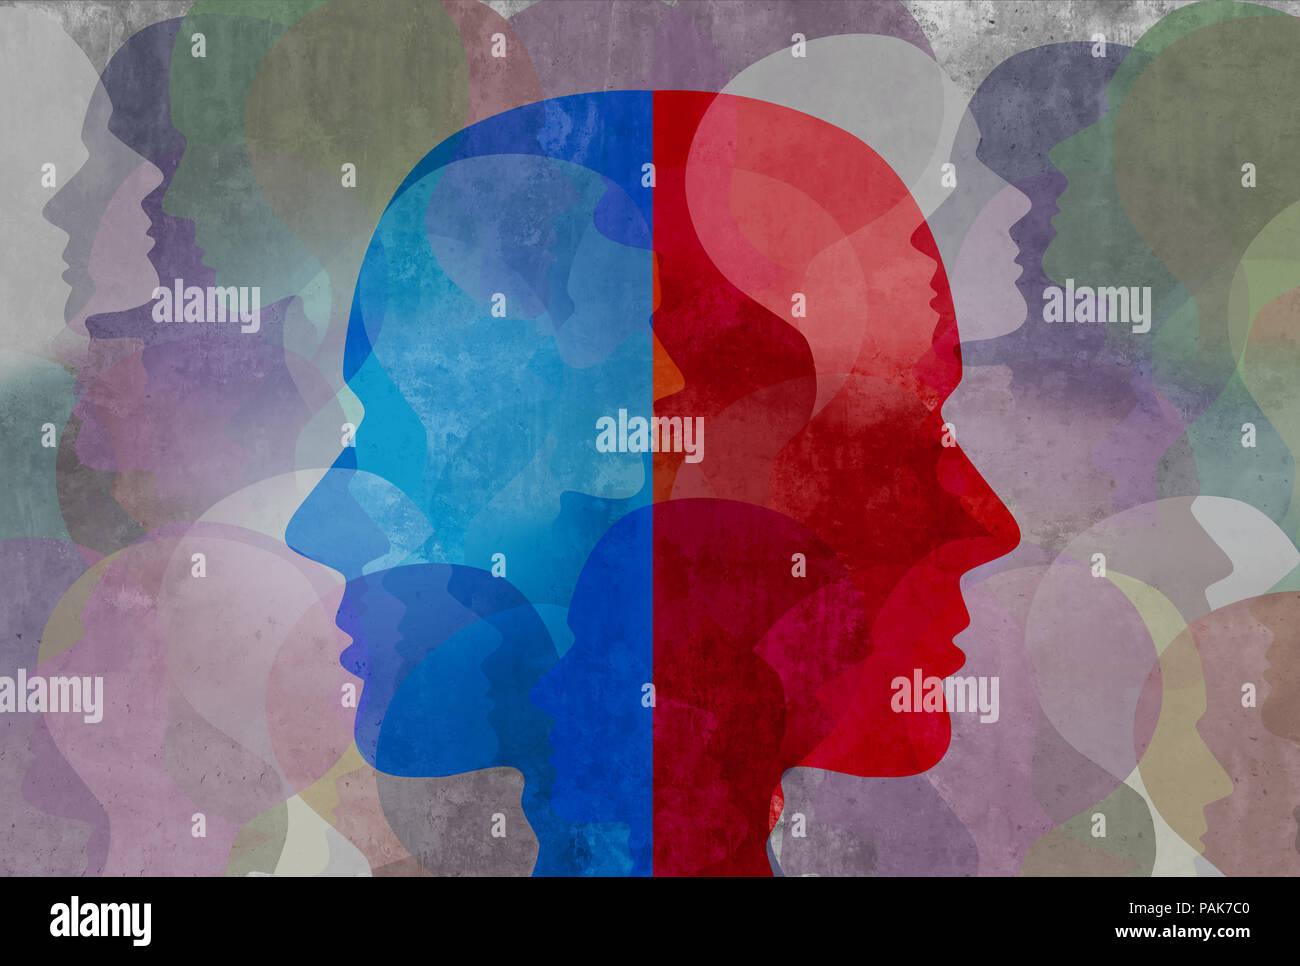 La esquizofrenia y el trastorno de personalidad dividida y salud mental enfermedad psiquiátrica concepto en 3D de una ilustración de estilo. Imagen De Stock